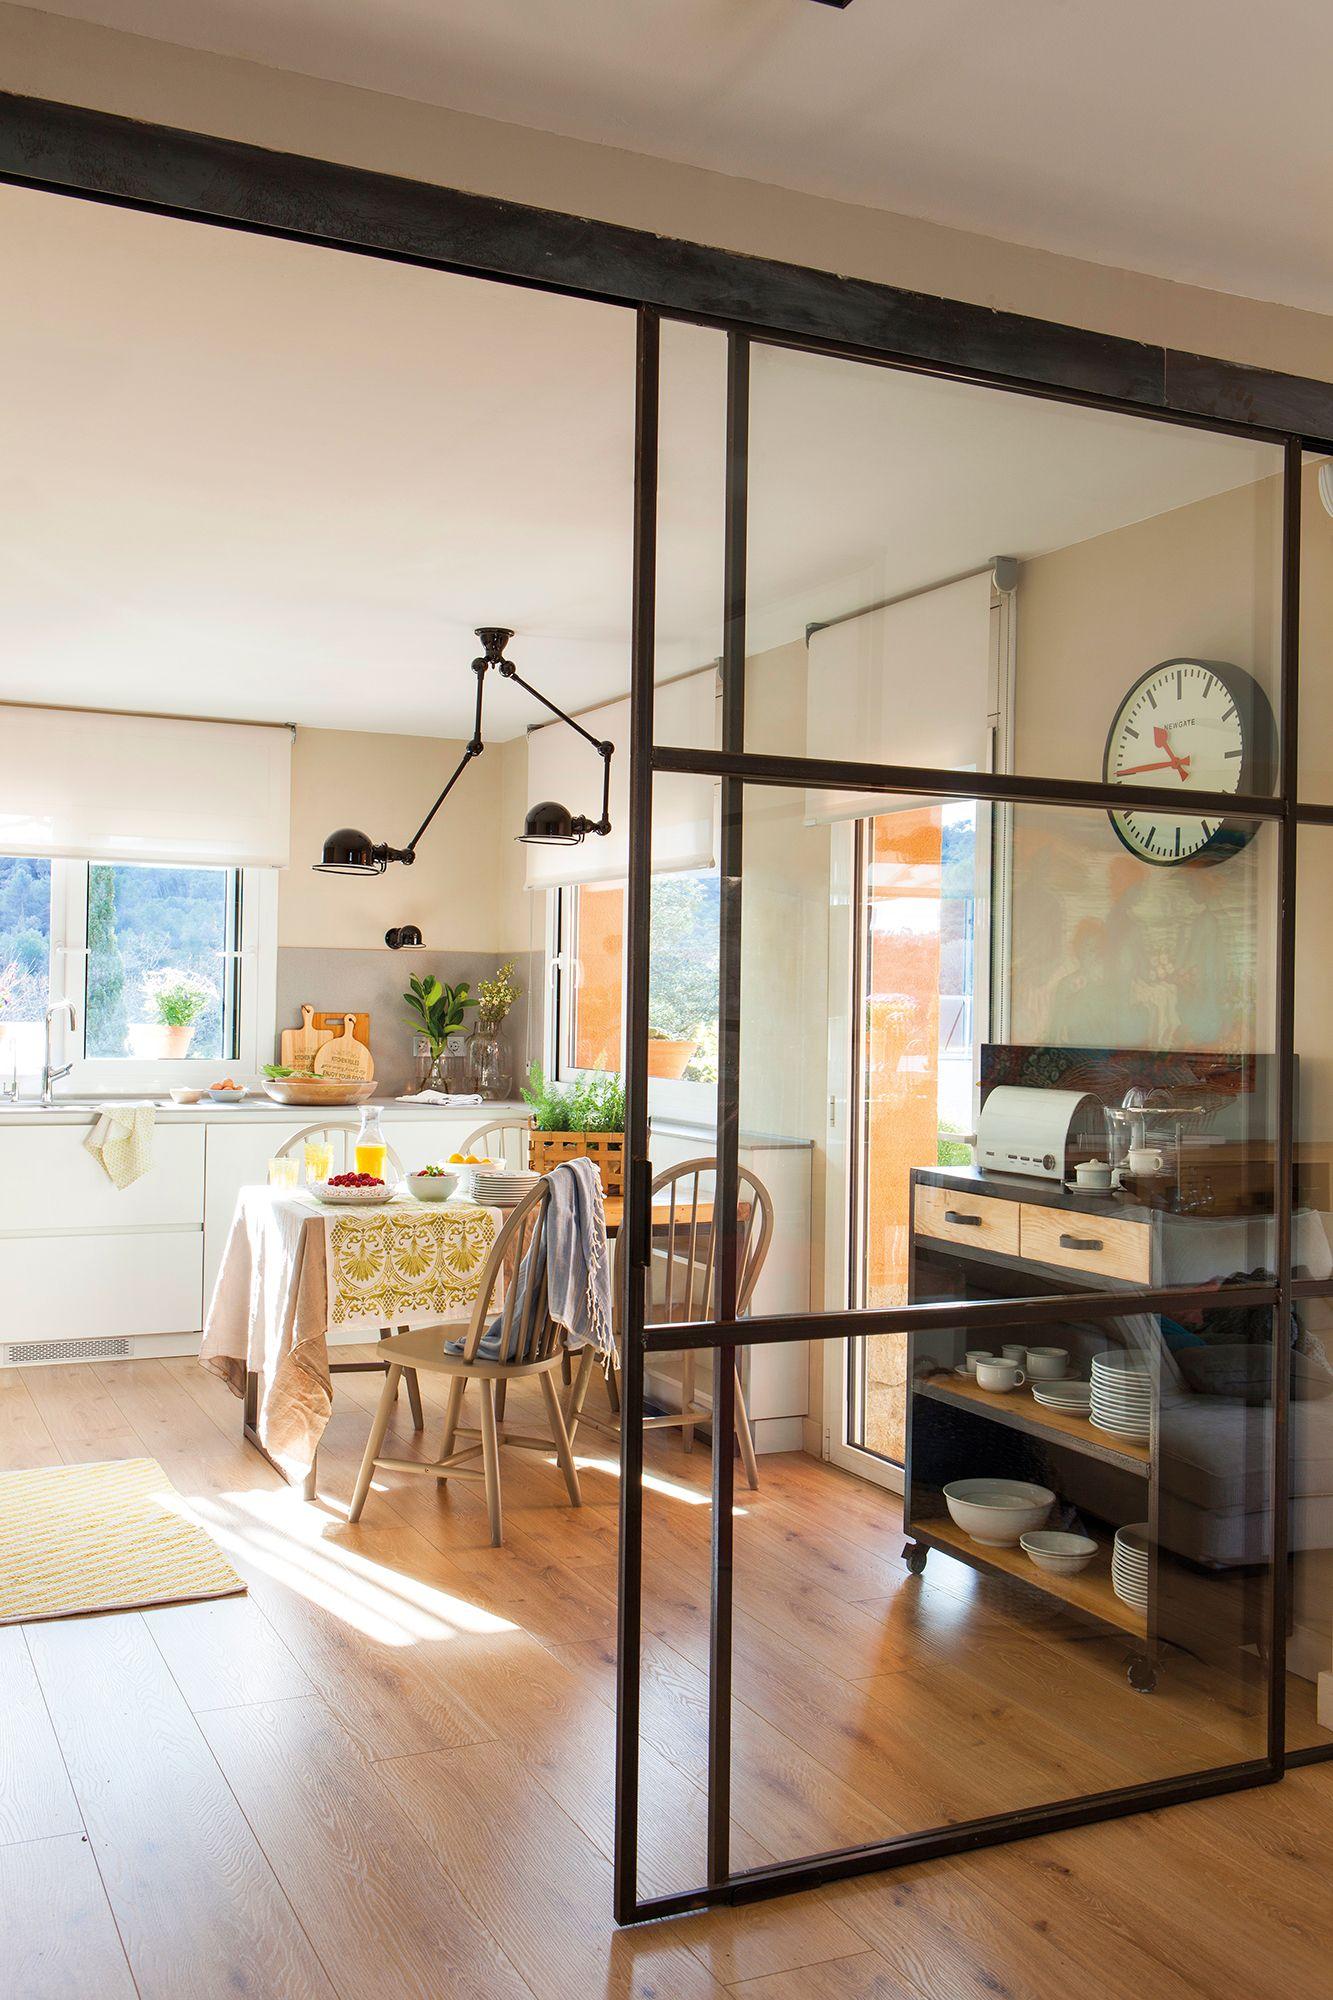 Nuevas puertas y presume de piso puertas plegables for Puertas corredizas de metal